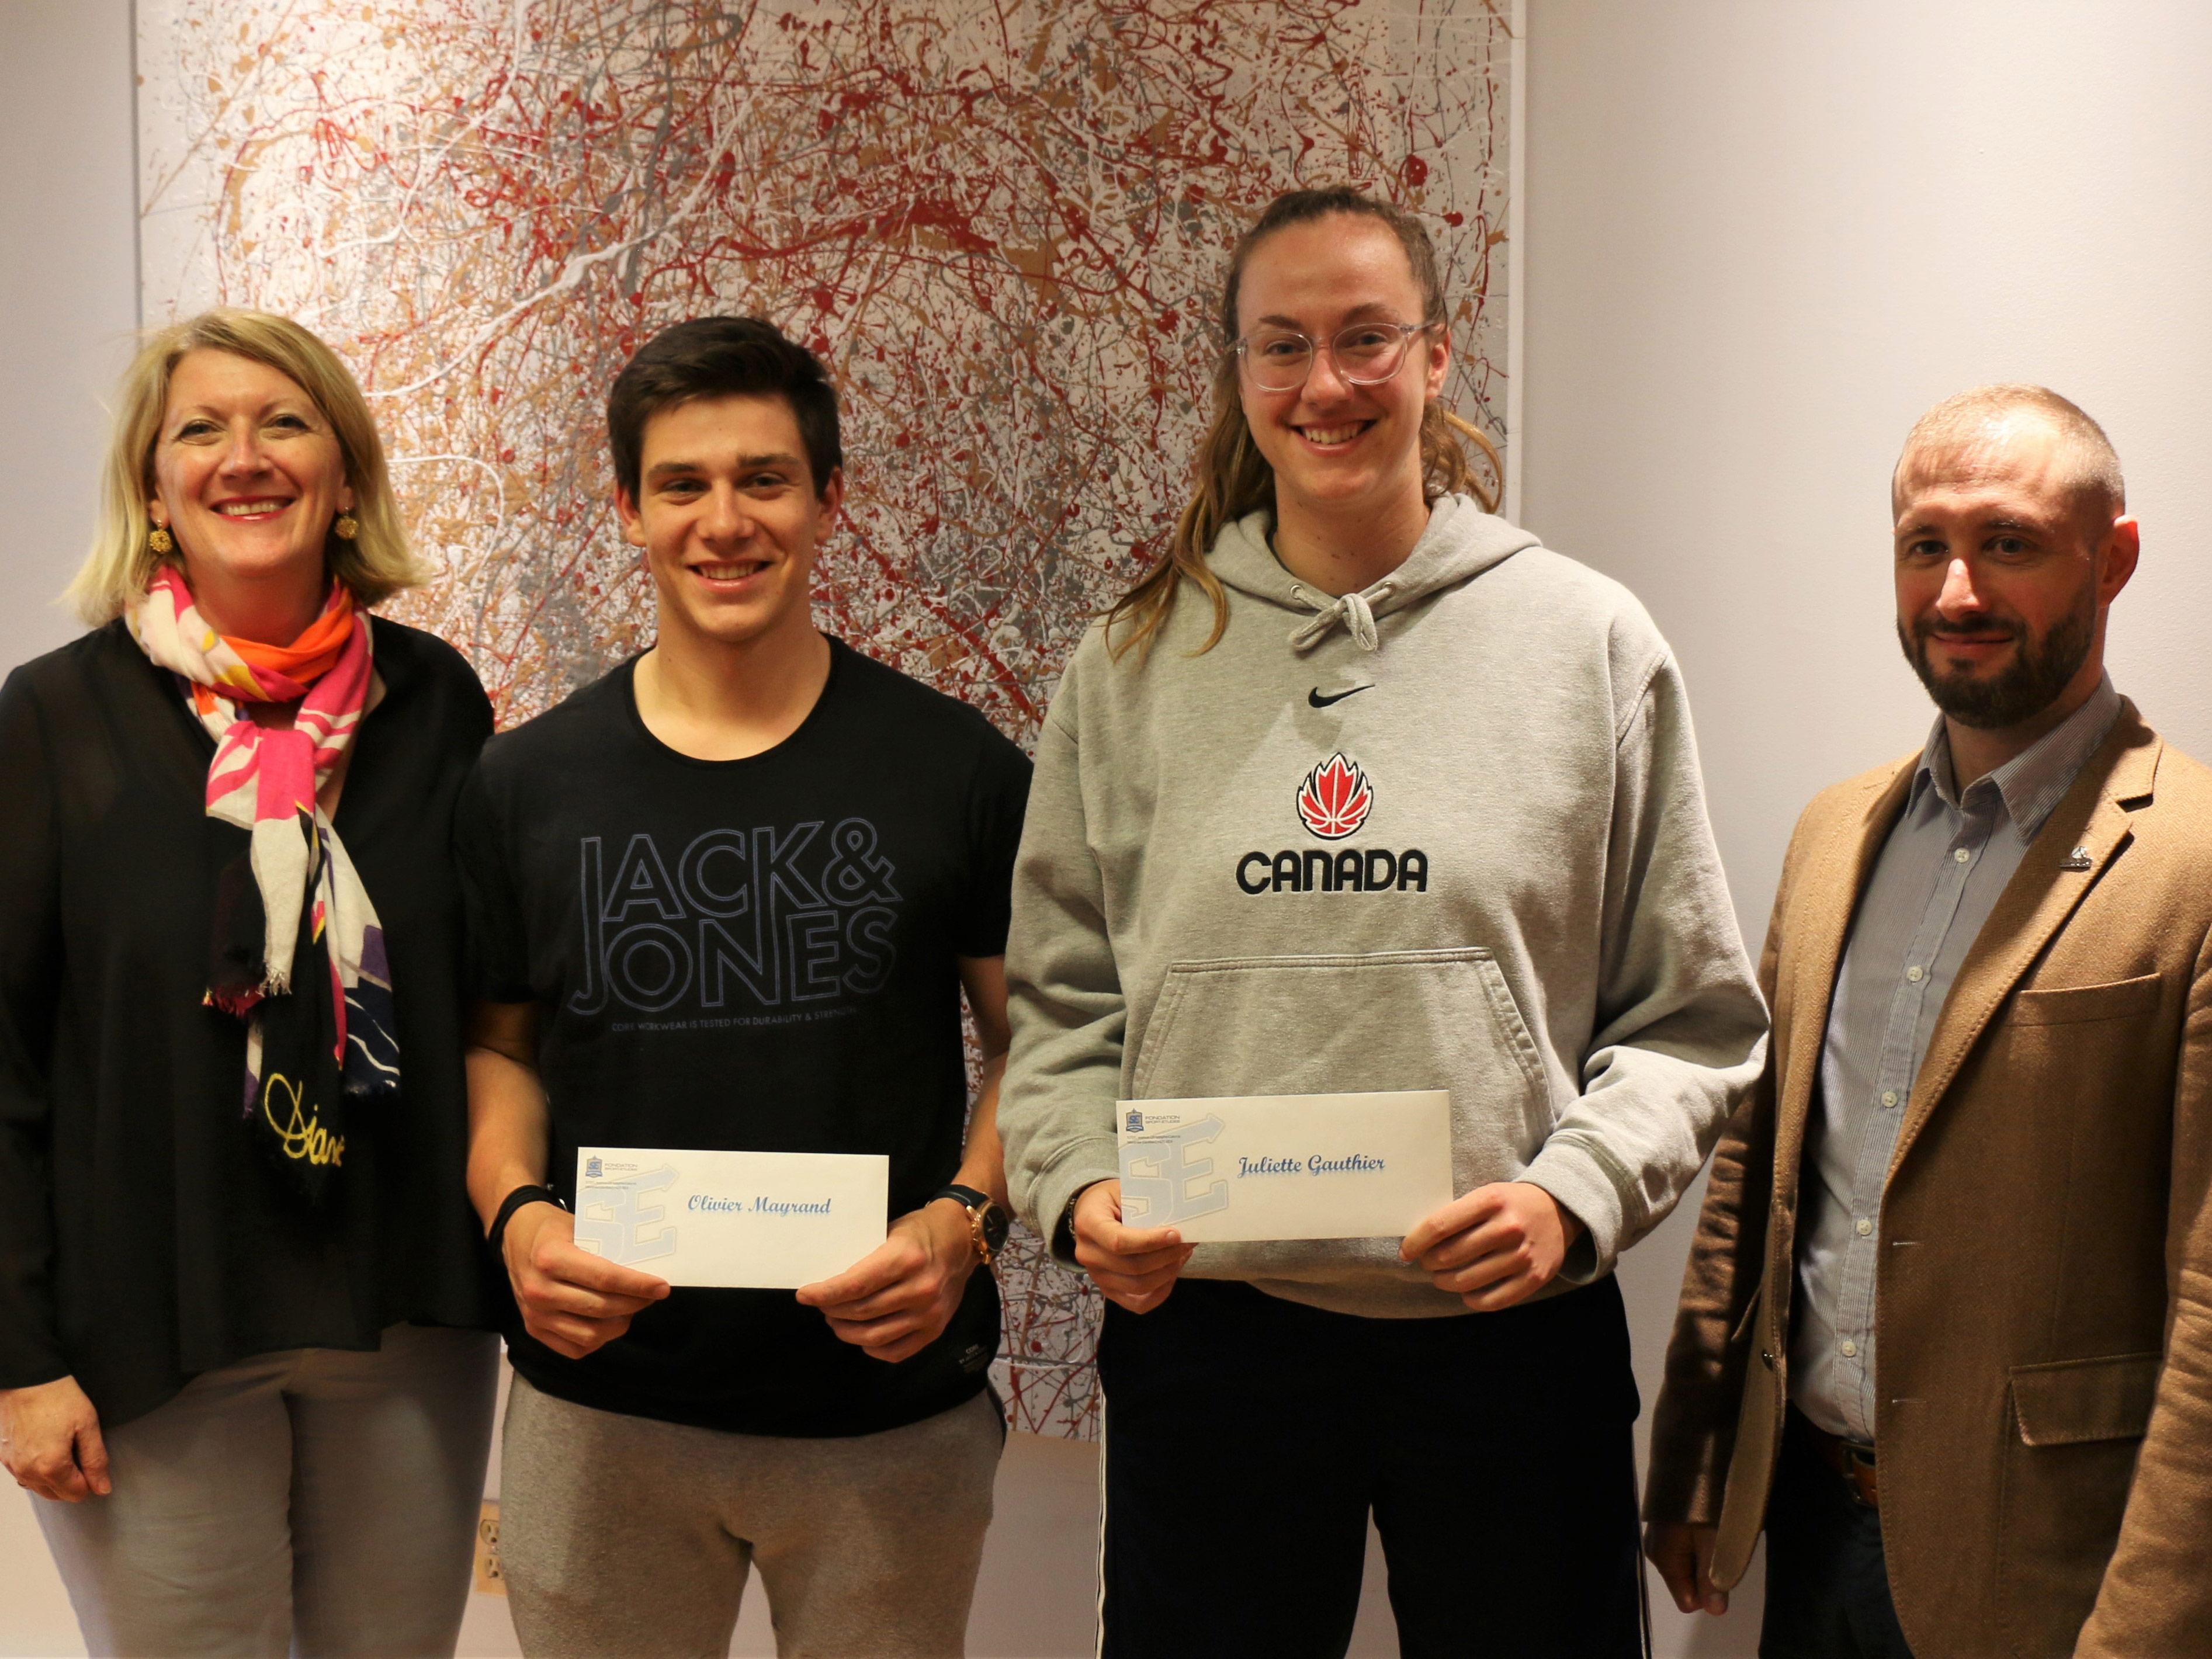 Deux étudiants en Sciences humaines, Olivier Mayrand, athlète de baseball et Juliette Gauthier, athlète de basketball, ont obtenu une bourse d'excellence de l'Alliance Sport-Études.